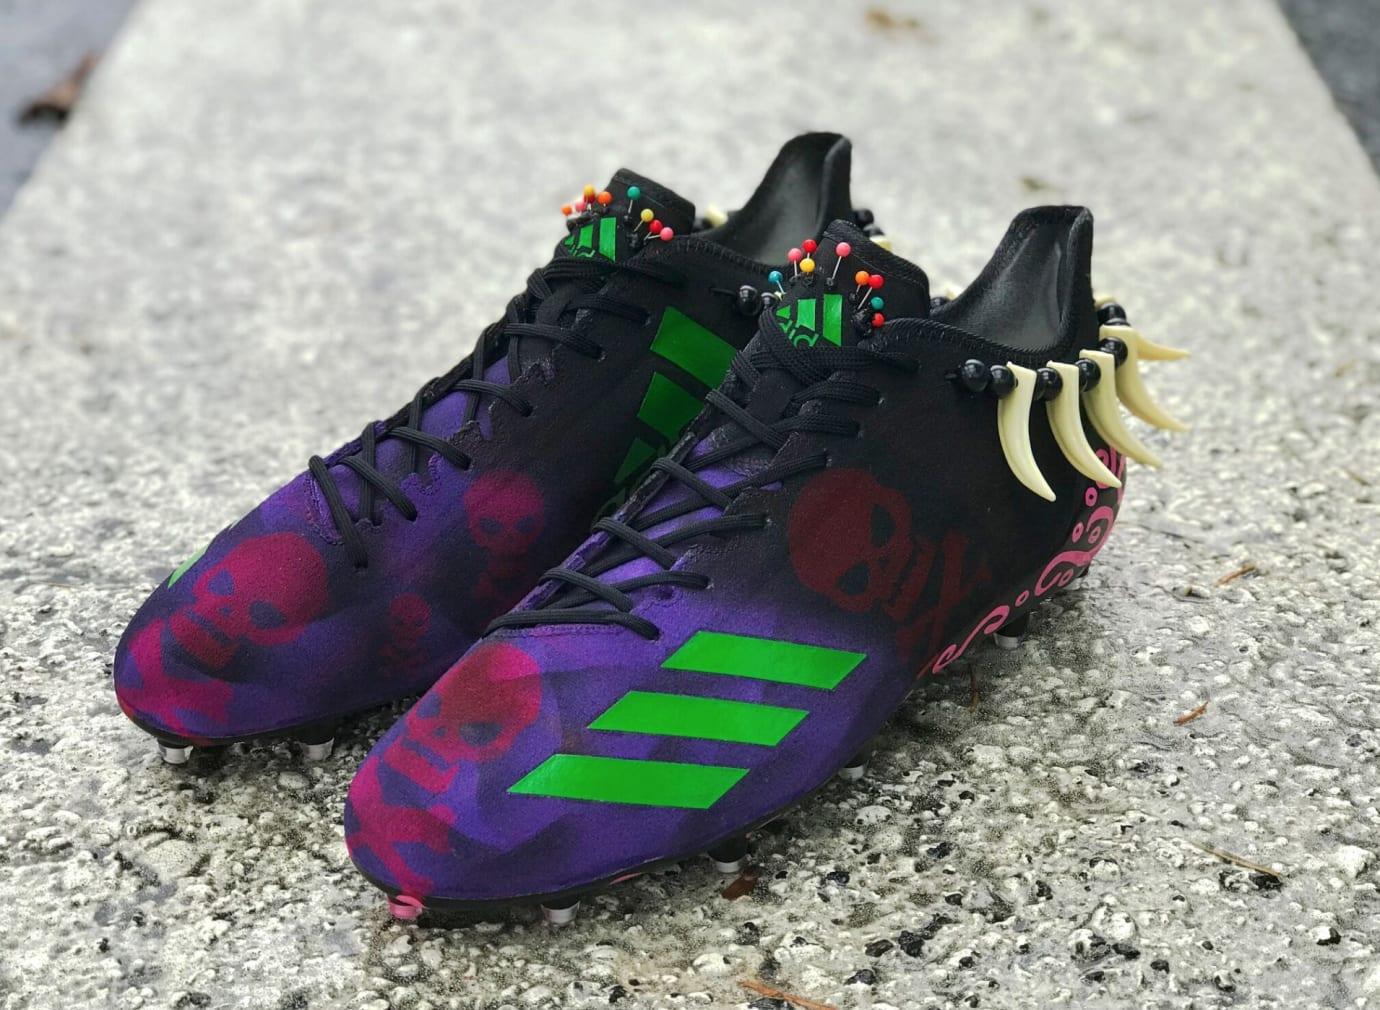 Adidas Adizero Landon Collins Voodoo Cleats Left